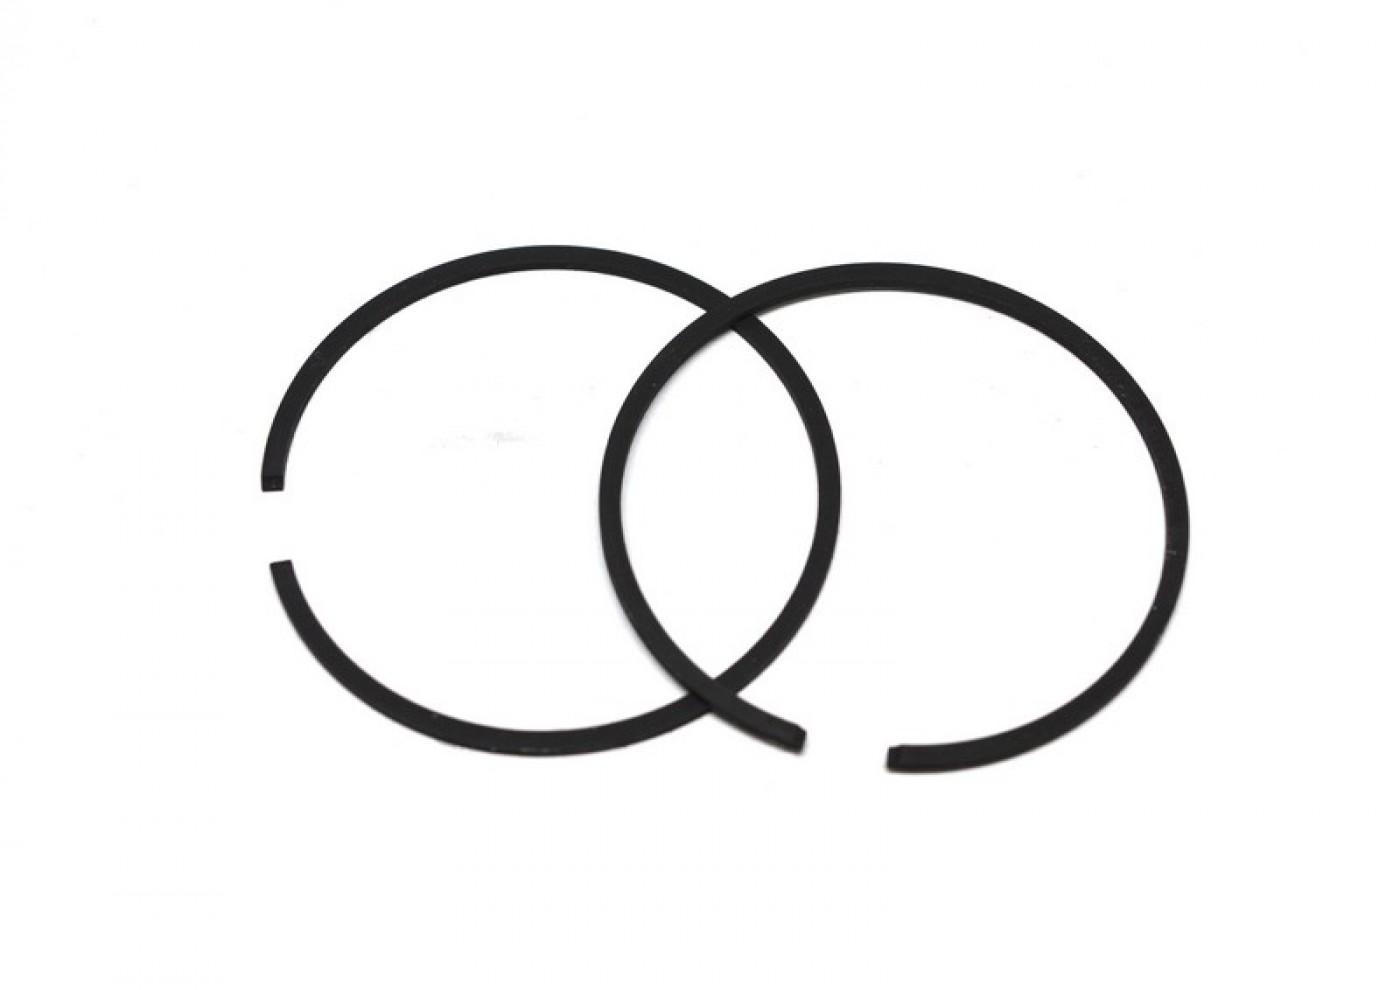 Sada pístních kroužků - 41,1mm x 1,5 mm